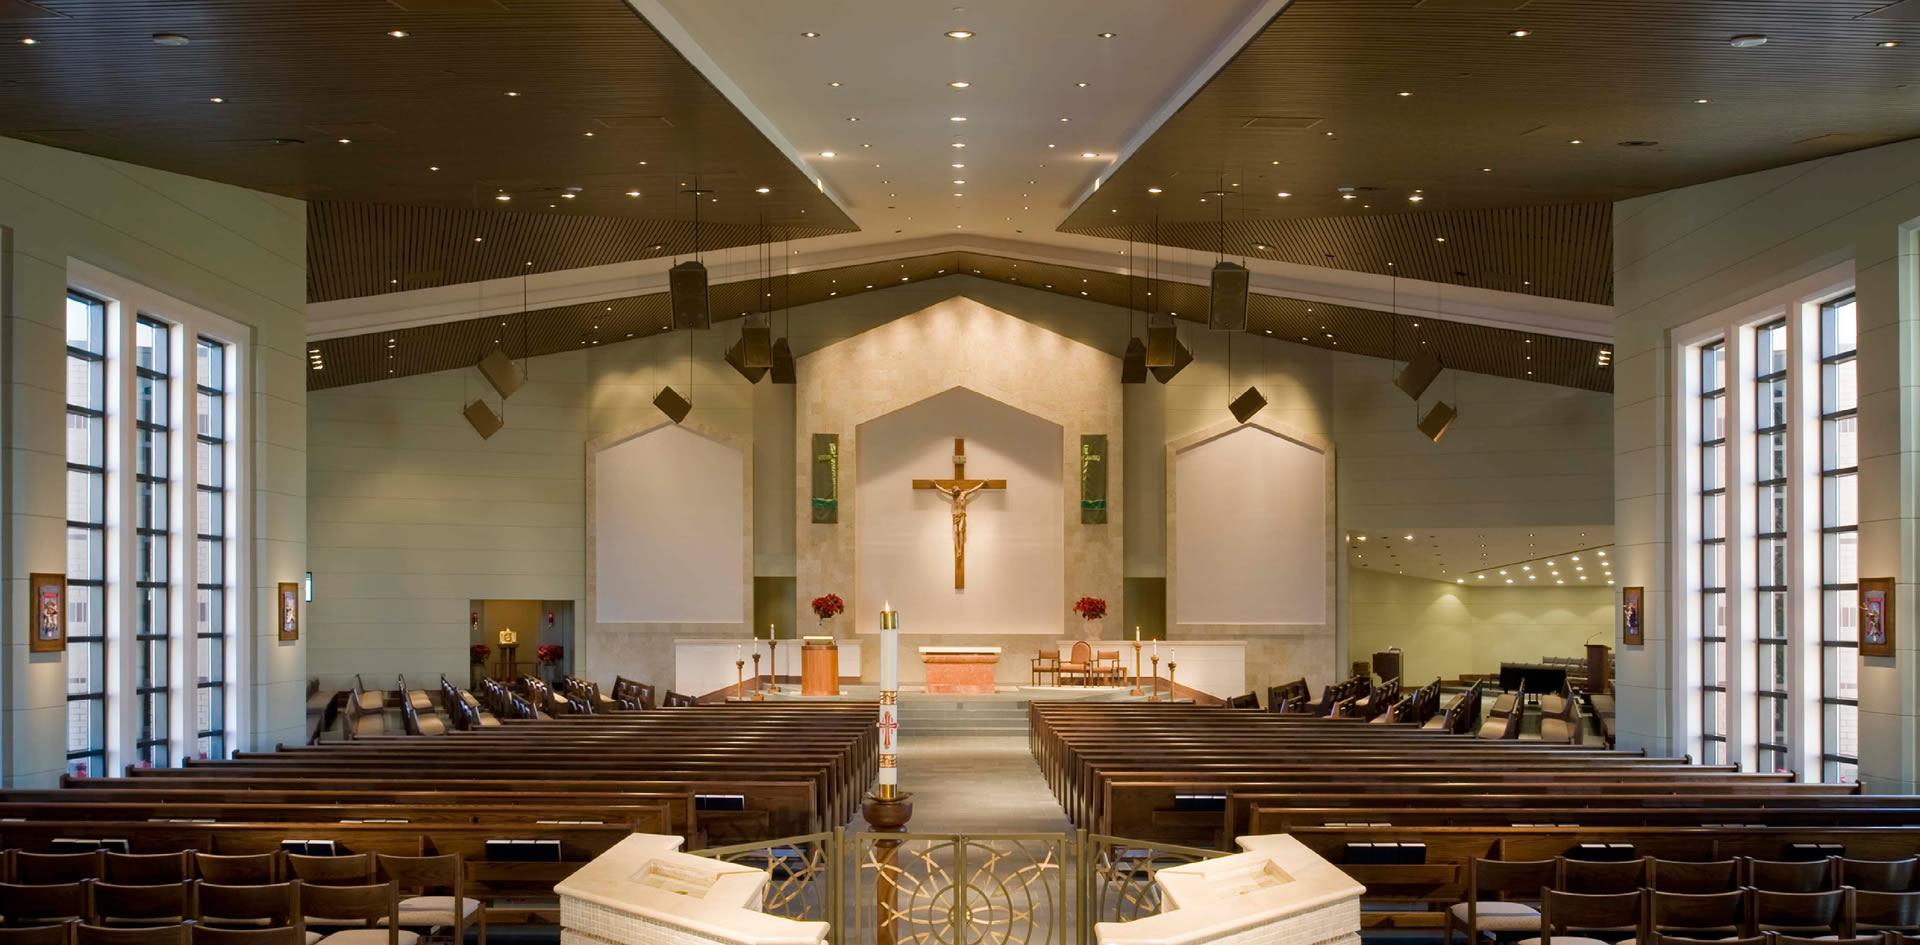 River Oaks Texas >> Jackson & Ryan Architects | St. Maximilian Kolbe Catholic Church